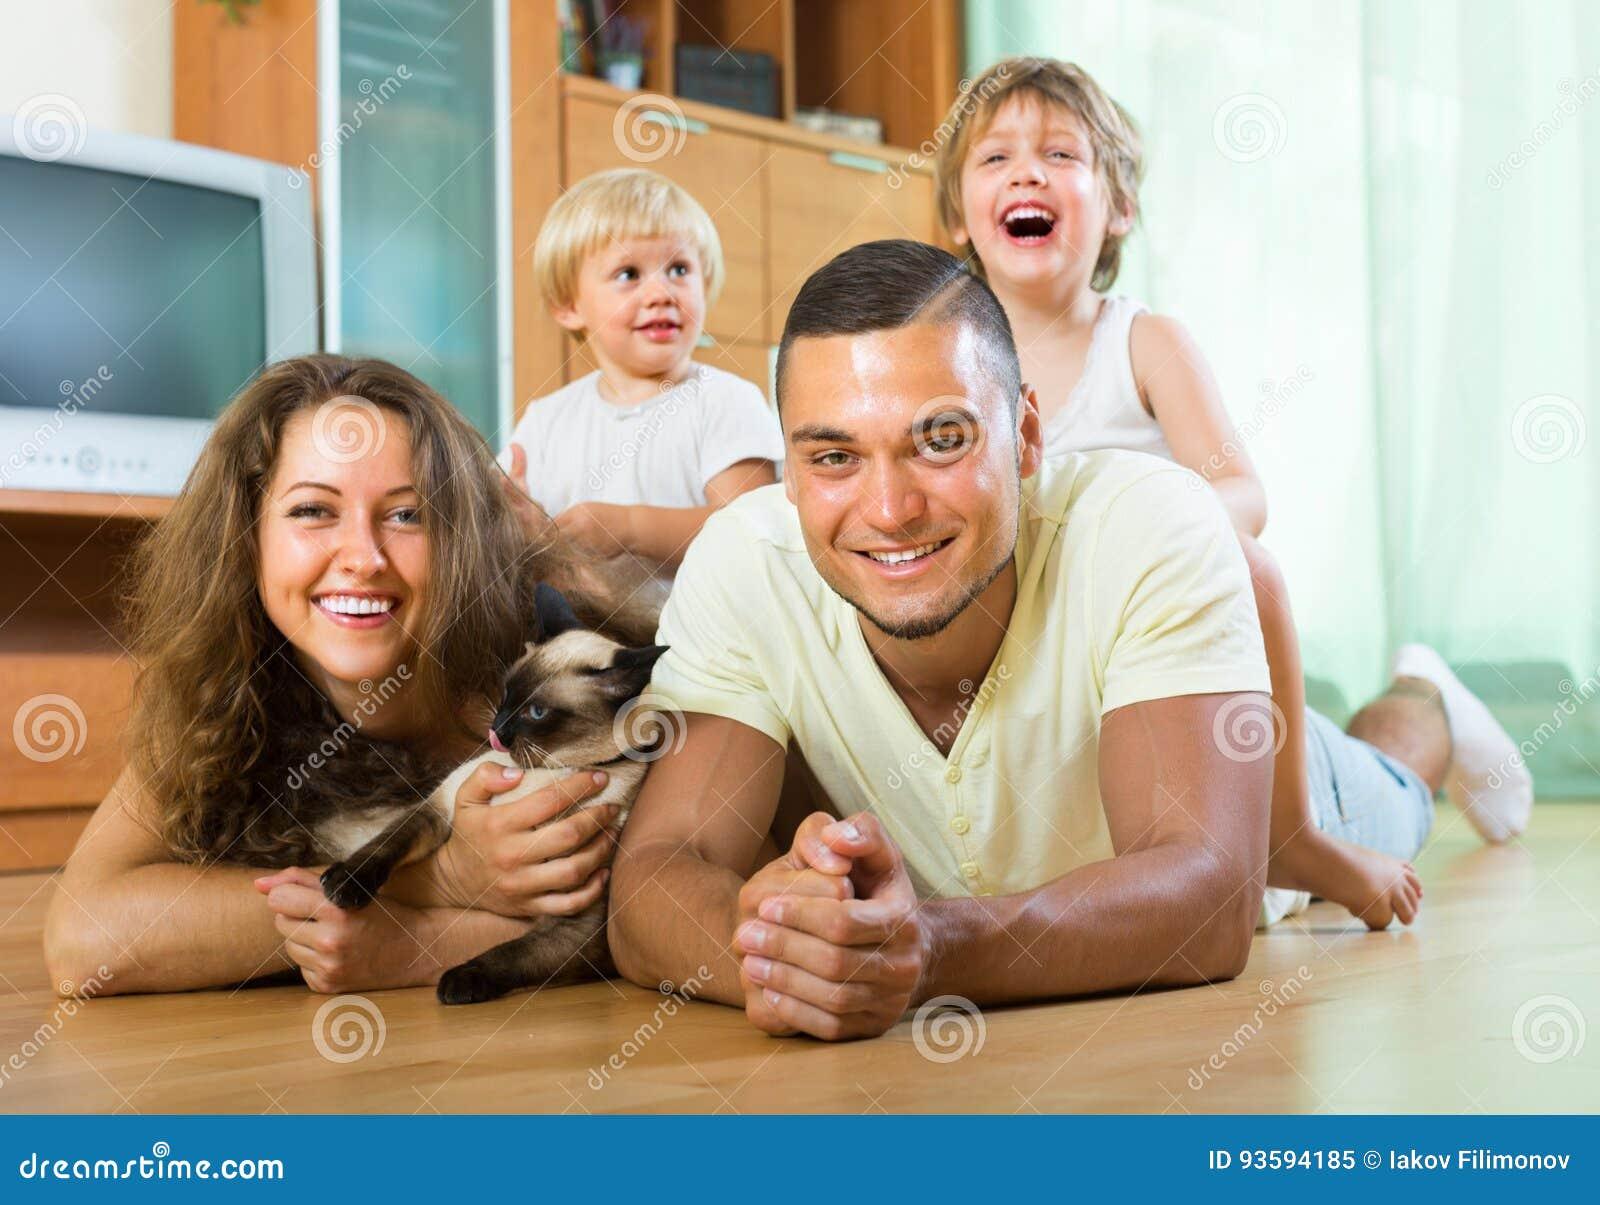 Rodzina składająca się z czterech osób bawić się z figlarką